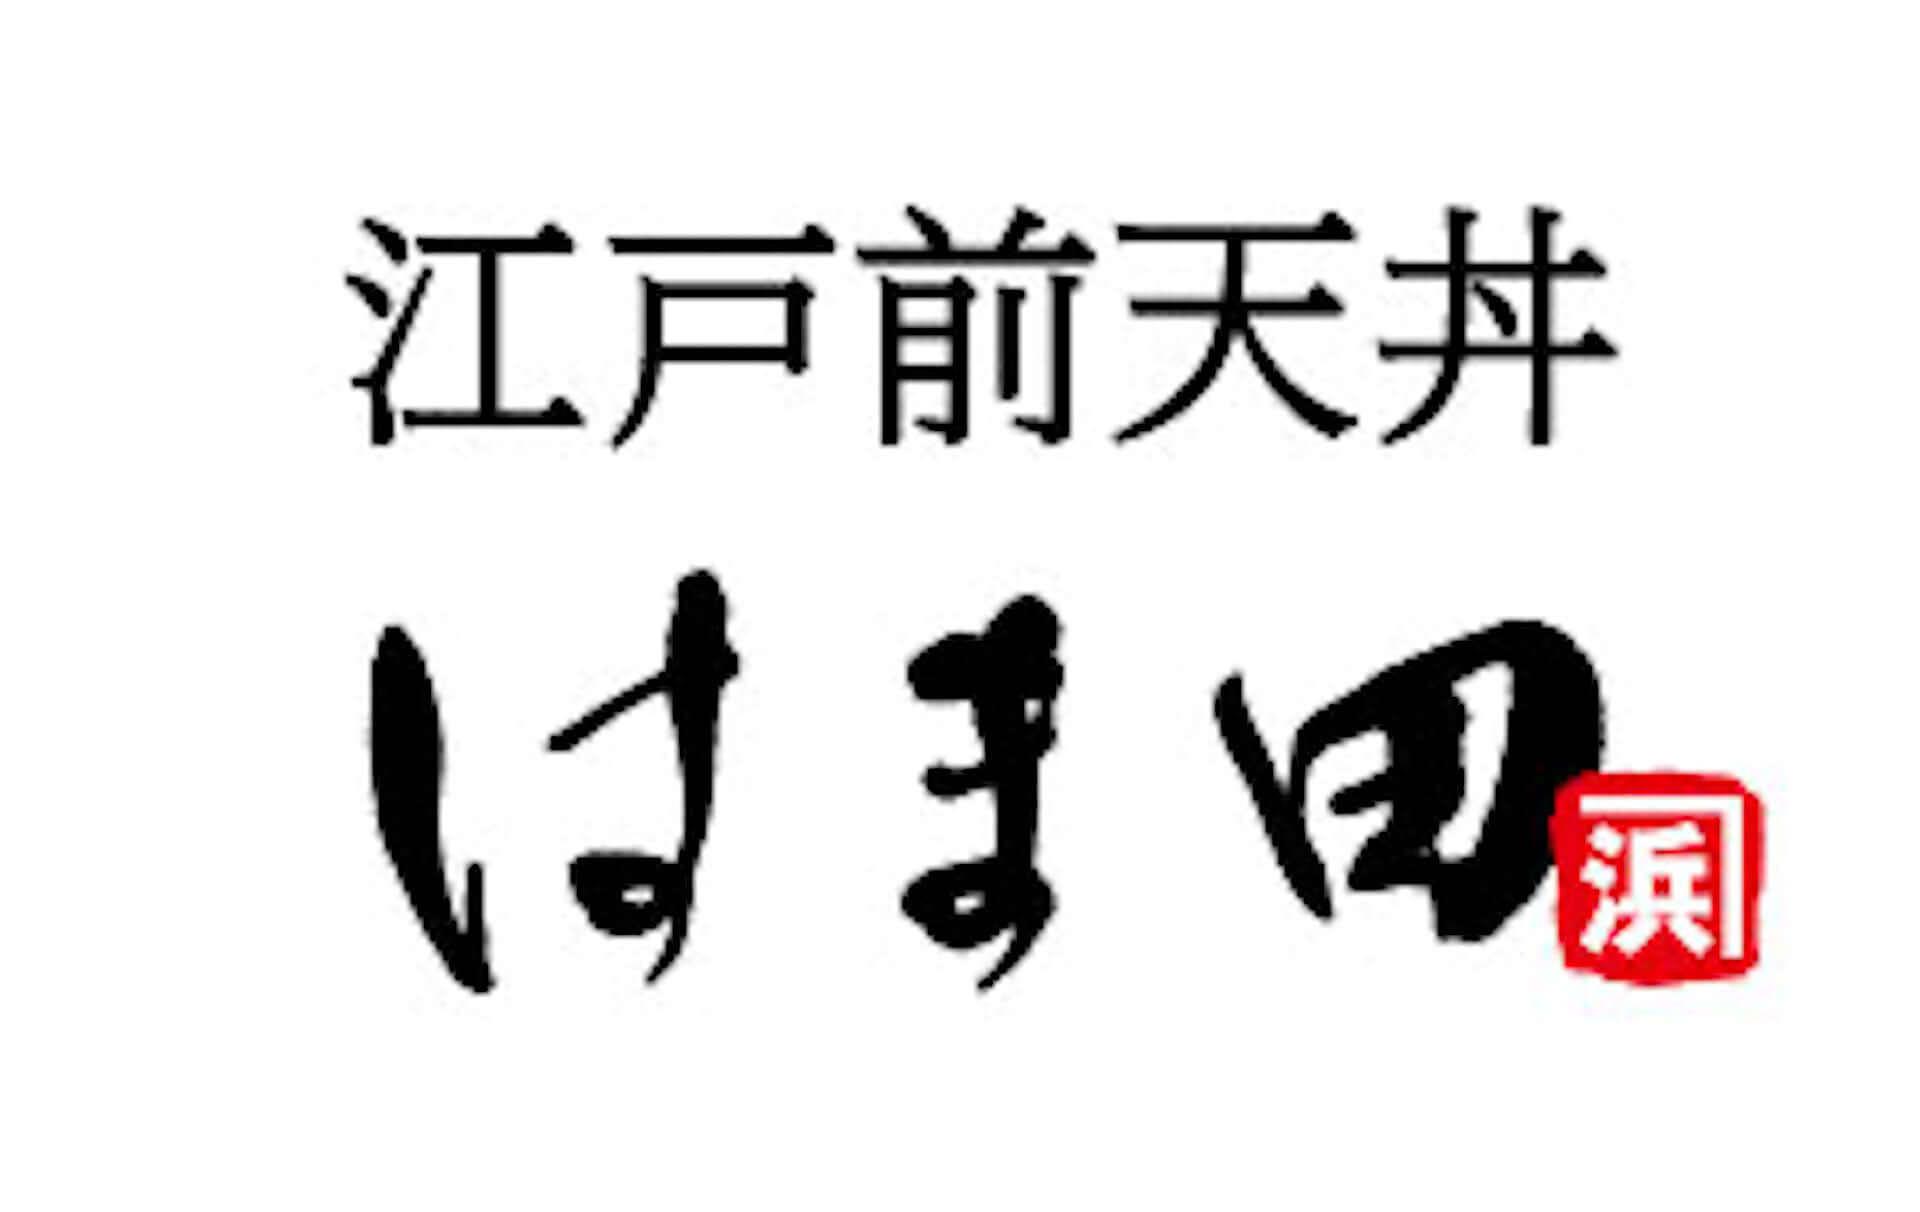 秋の天丼第2弾!テイクアウトもできる『海老牡蠣天ととろろ丼』が「江戸前天丼 はま田」に期間限定で登場 music201030_tendon-hamada_8-1920x1212